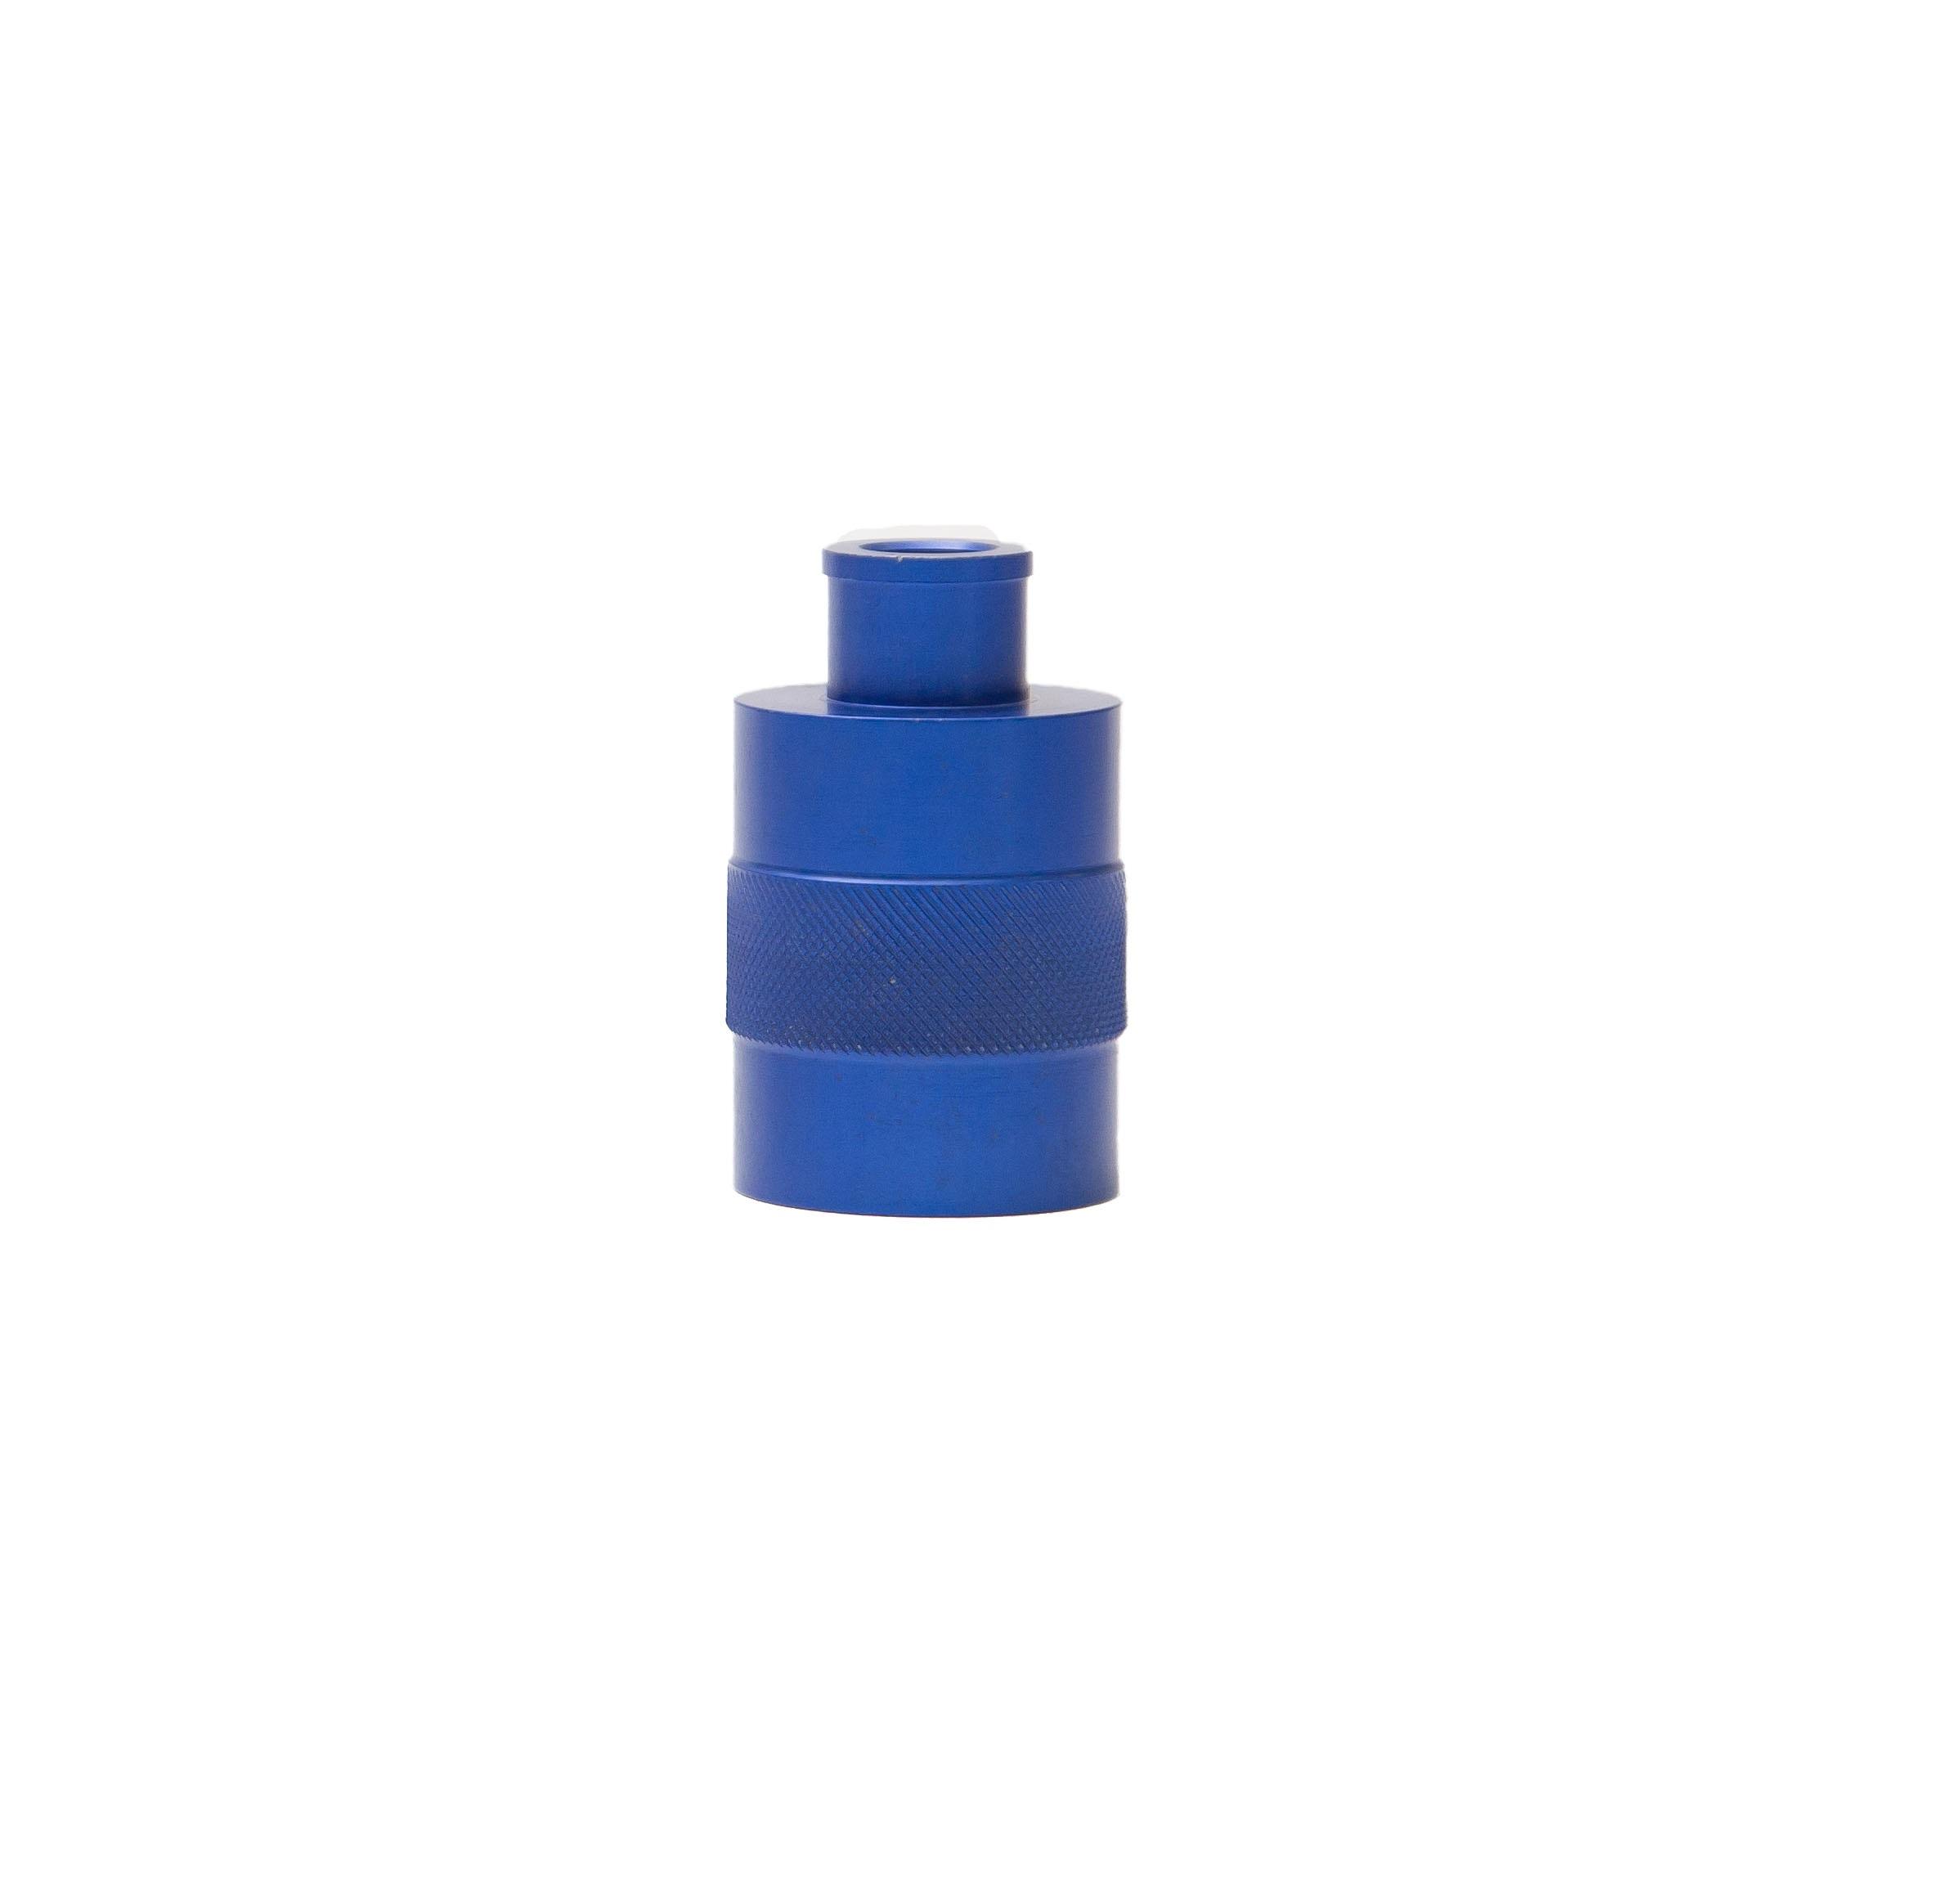 鋁合金螺旋式10 C.C 西林瓶真空封瓶接頭產品圖-0